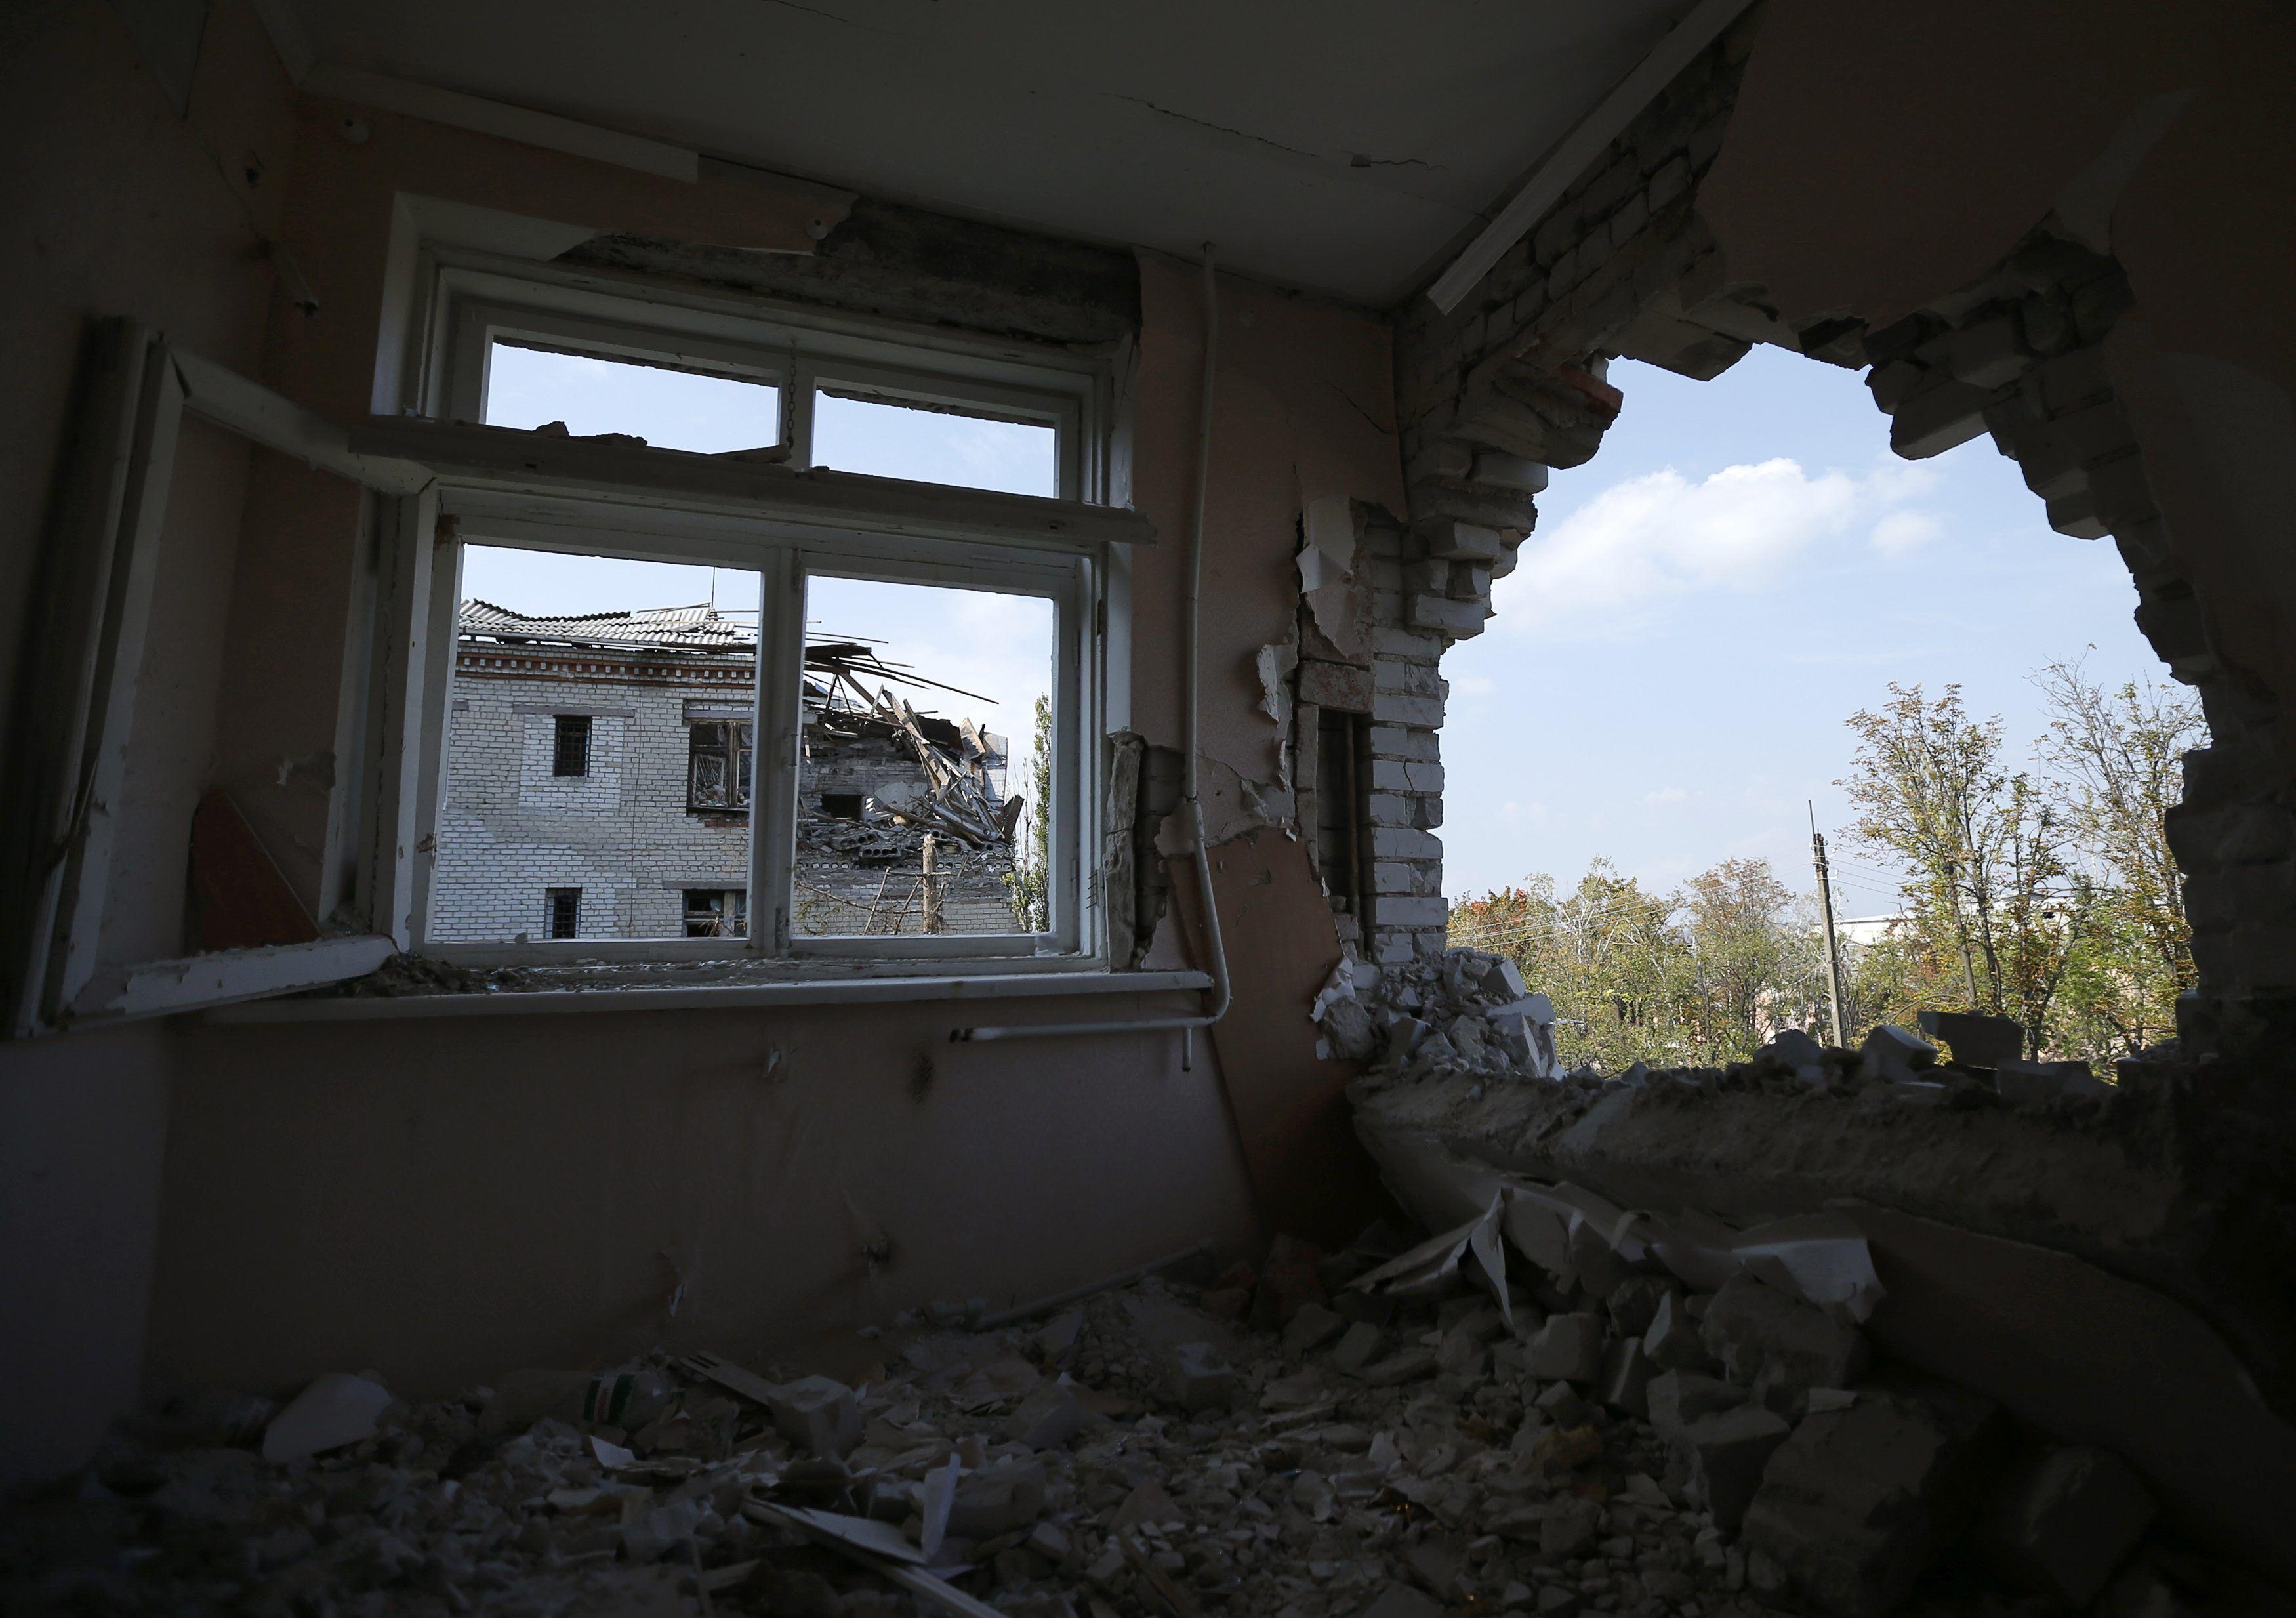 Обстрелянный дом на Донбассе, иллюстрация